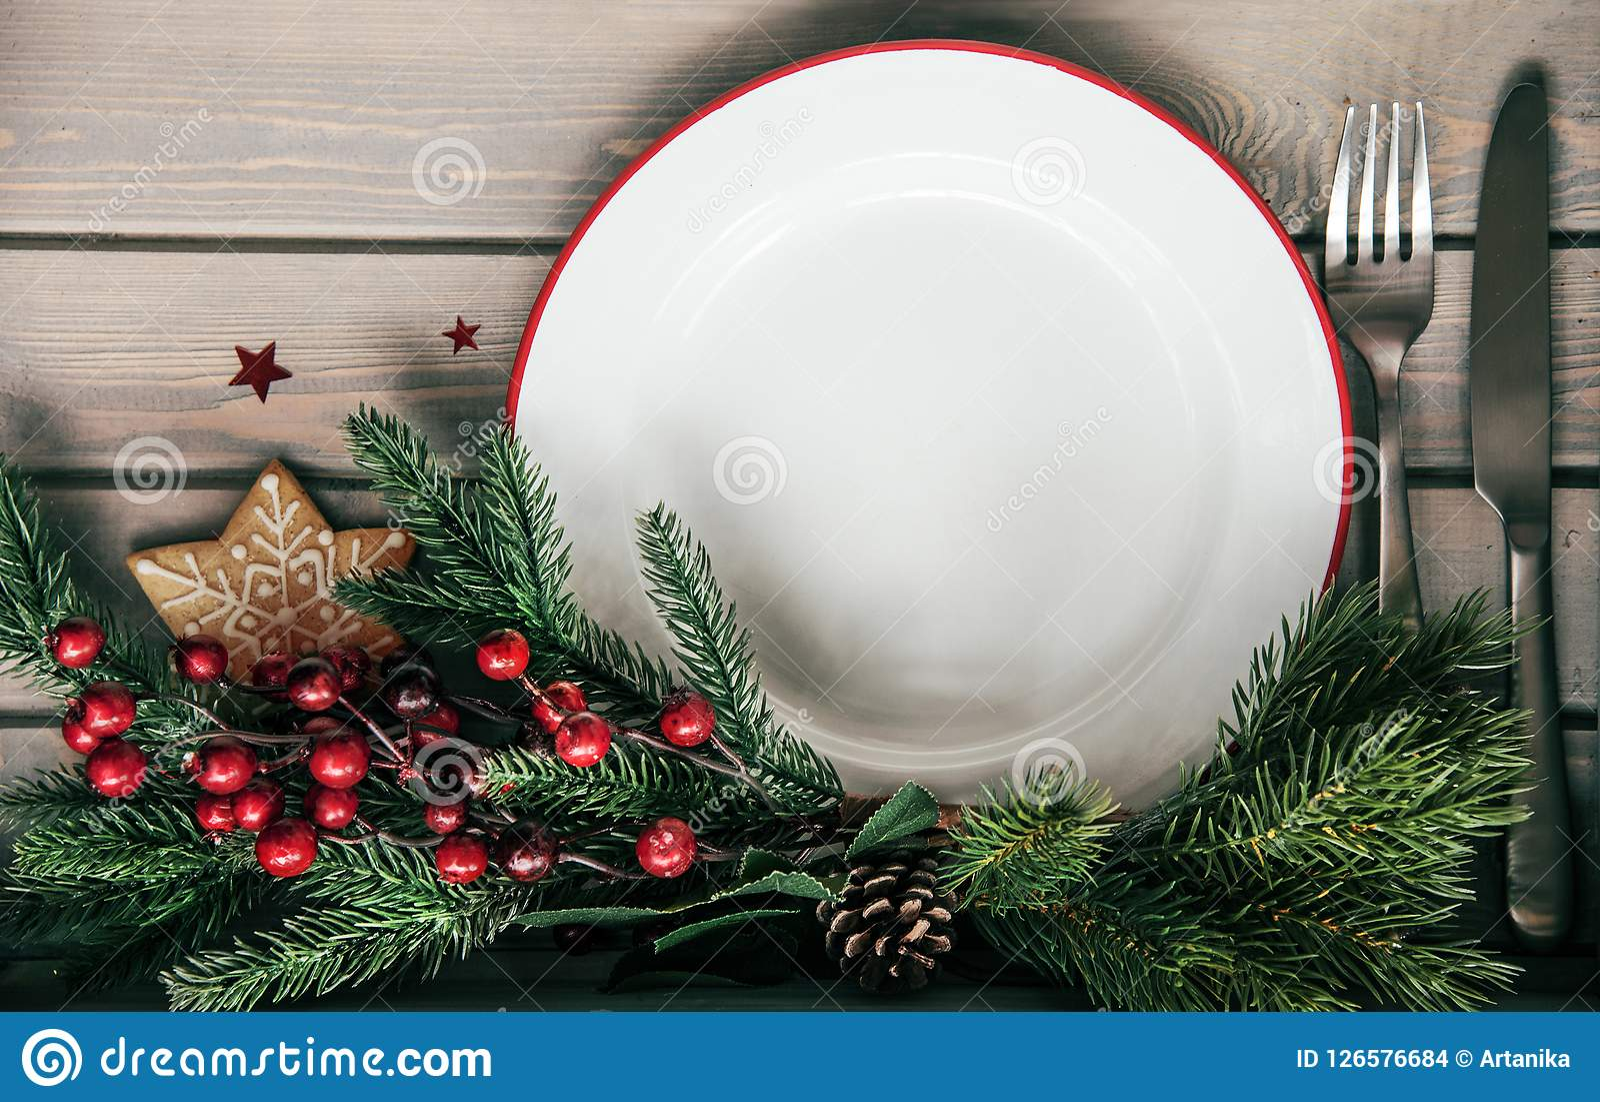 Plat de dîner de Noël